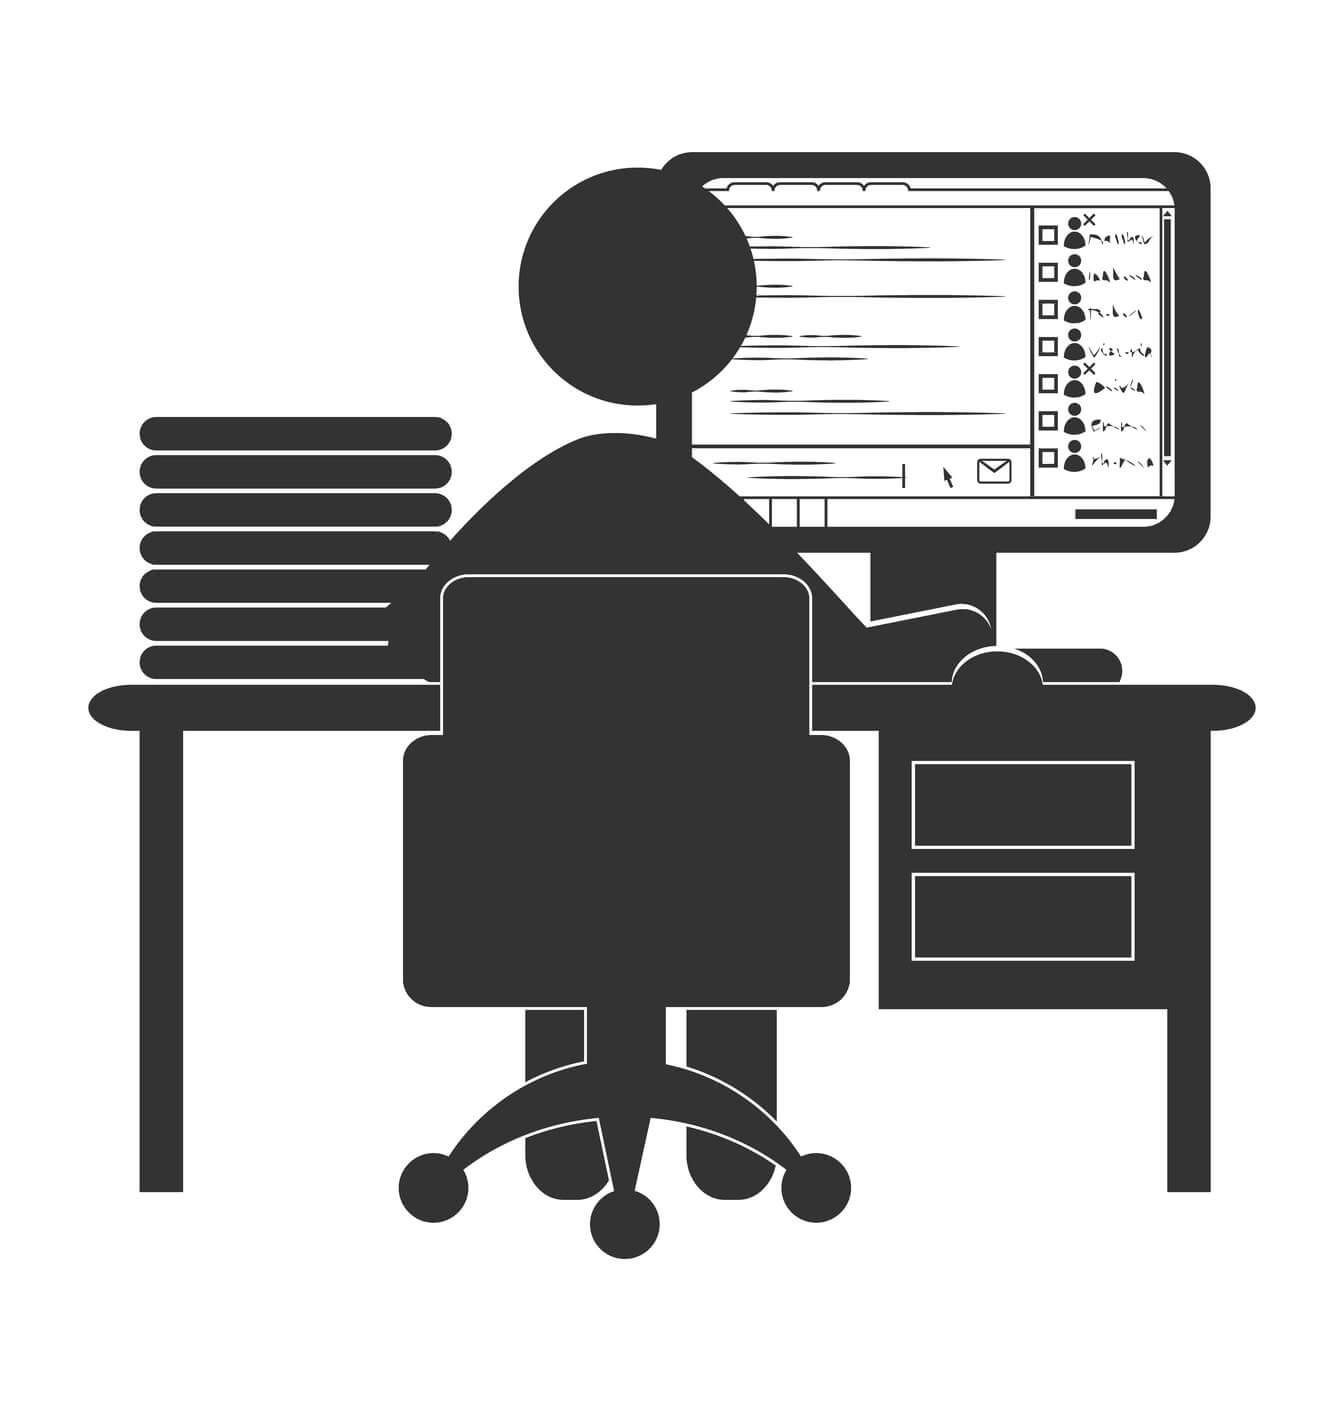 Definici n de comunicaci n interna concepto en for Nociones basicas de oficina concepto